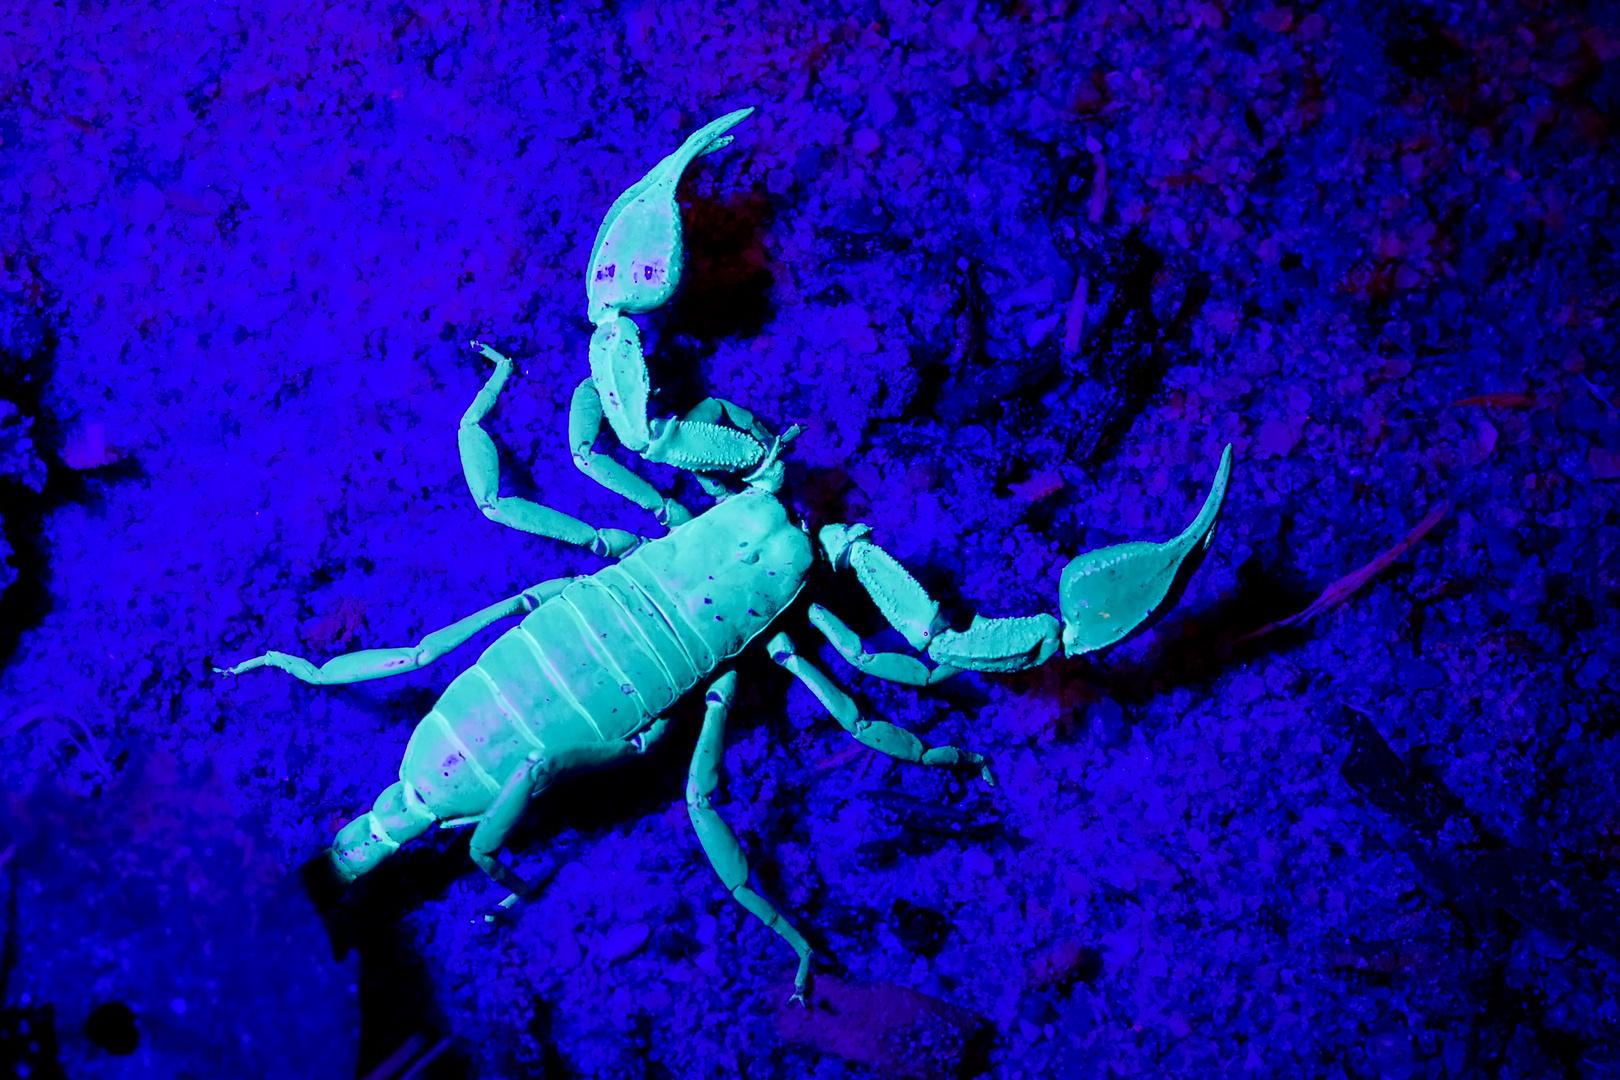 Kärntner Skorpion unter UV-Licht